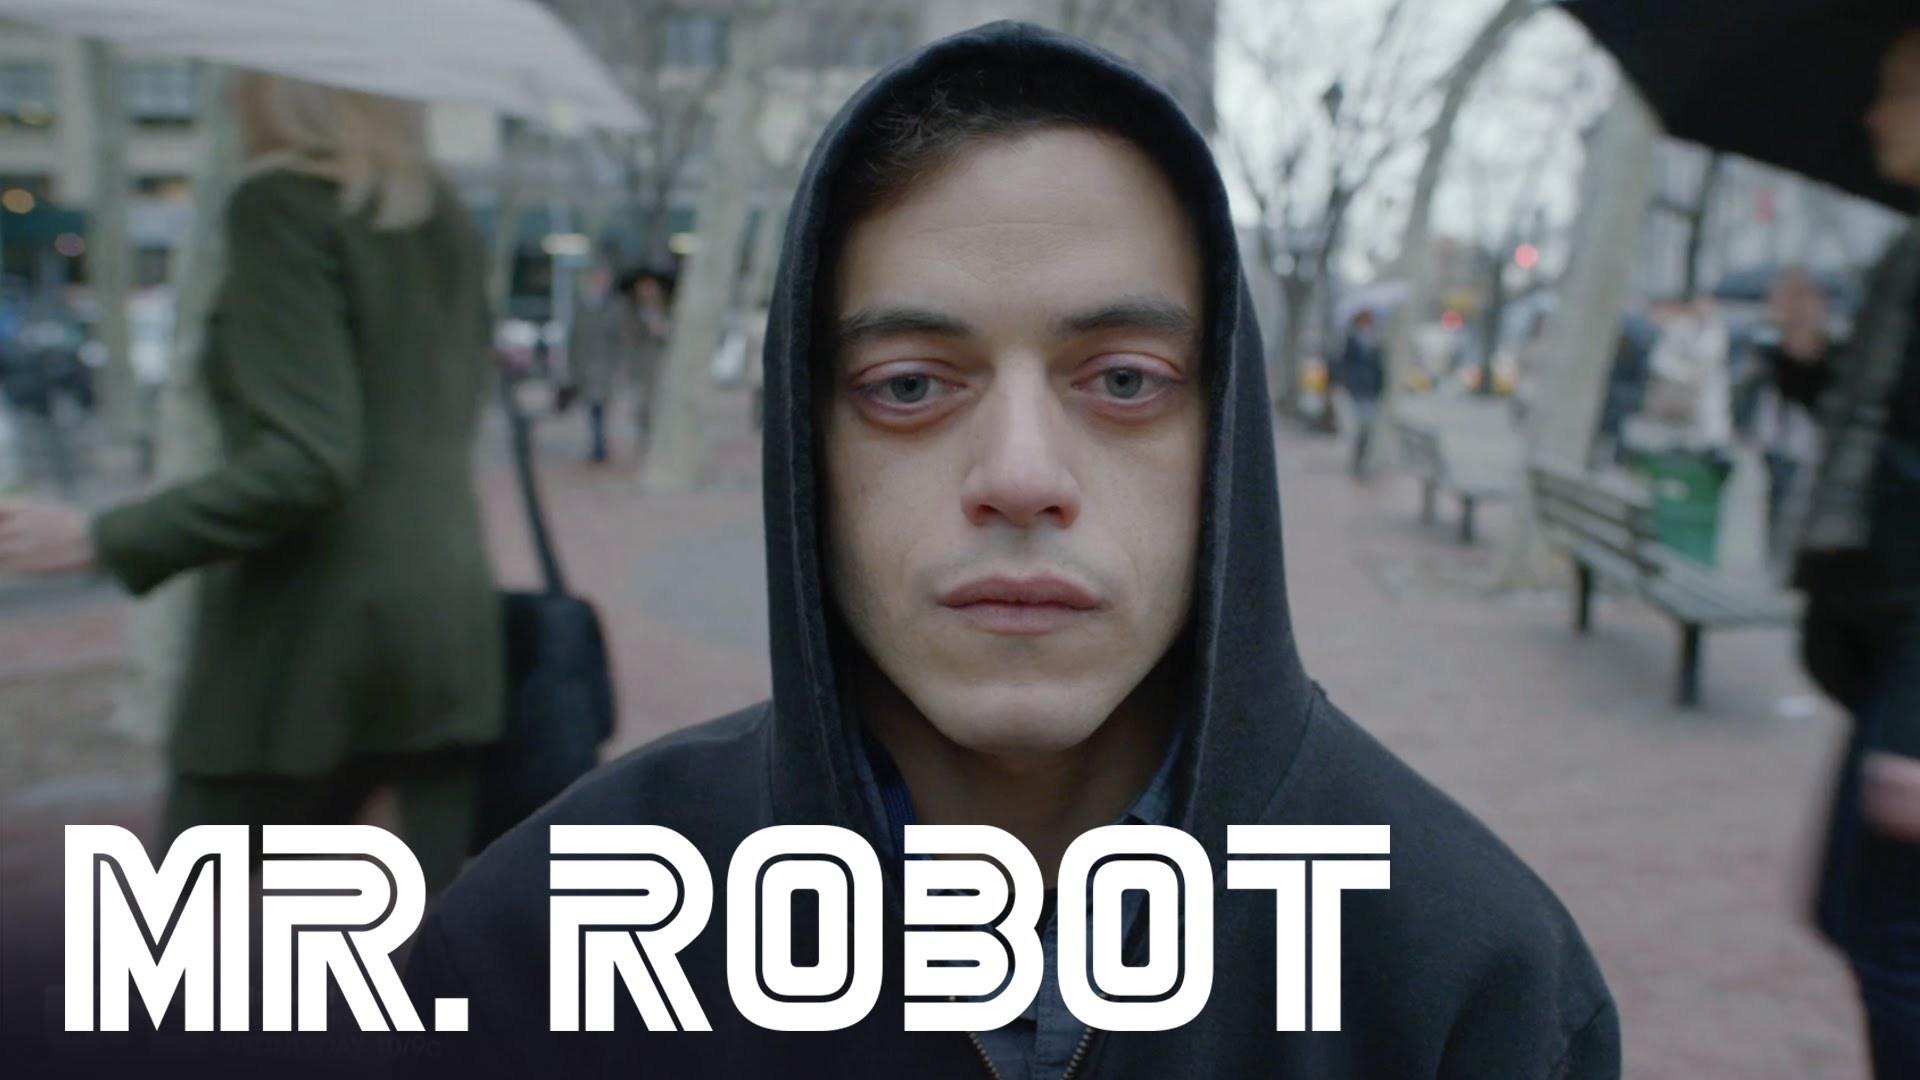 Mr. Robot HD Wallpaper